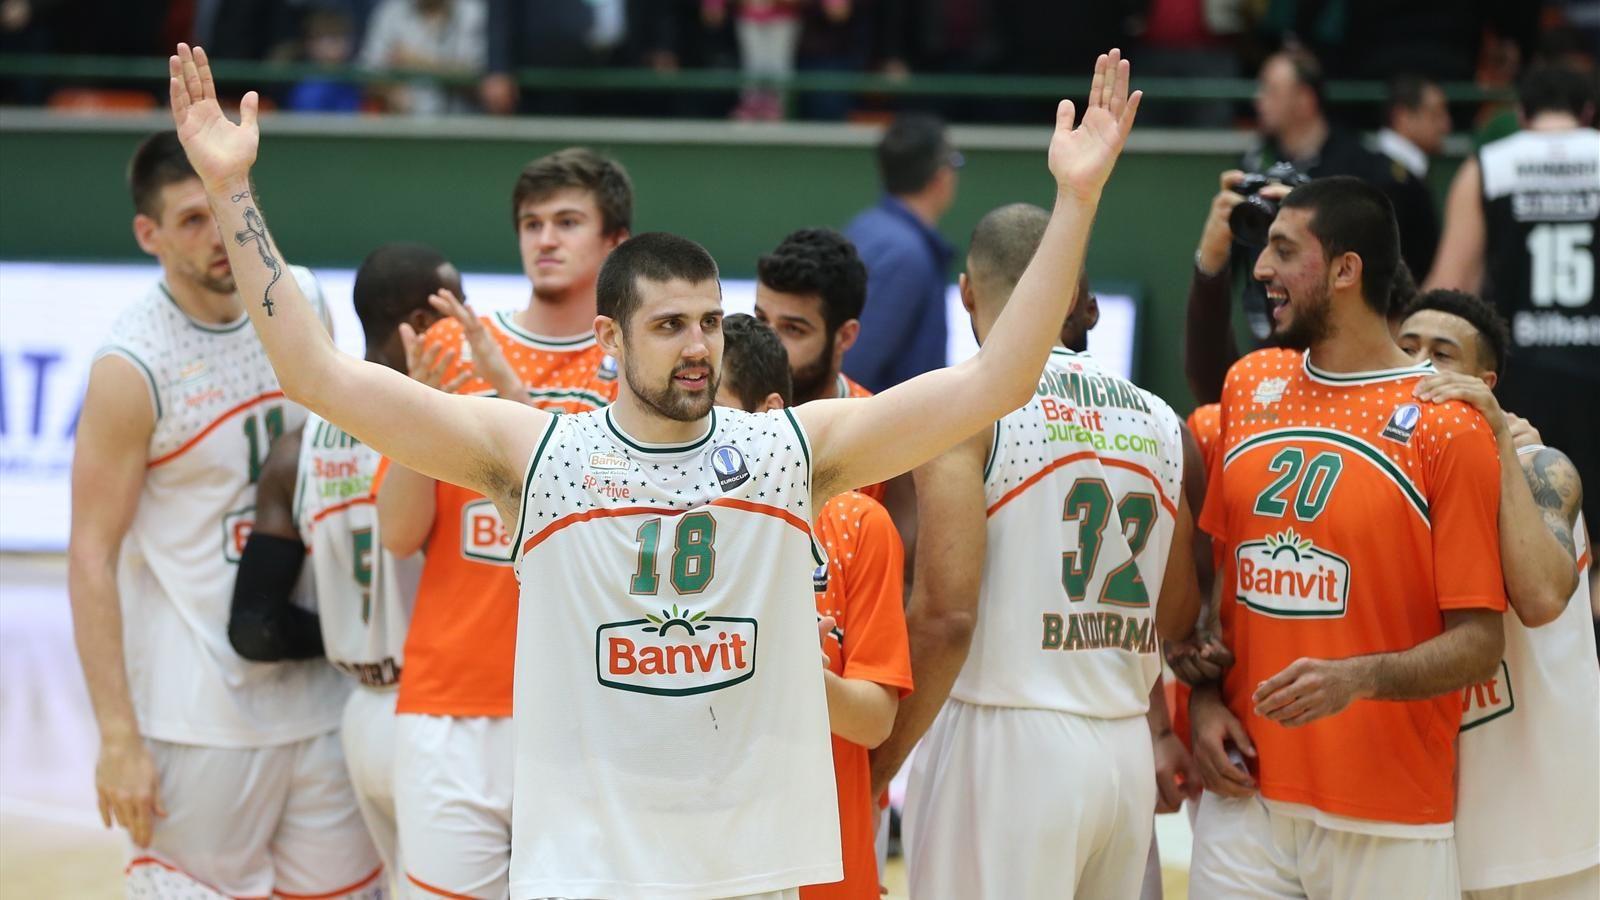 Banvit'ten Basketbol için Sponsorluk Açıklaması